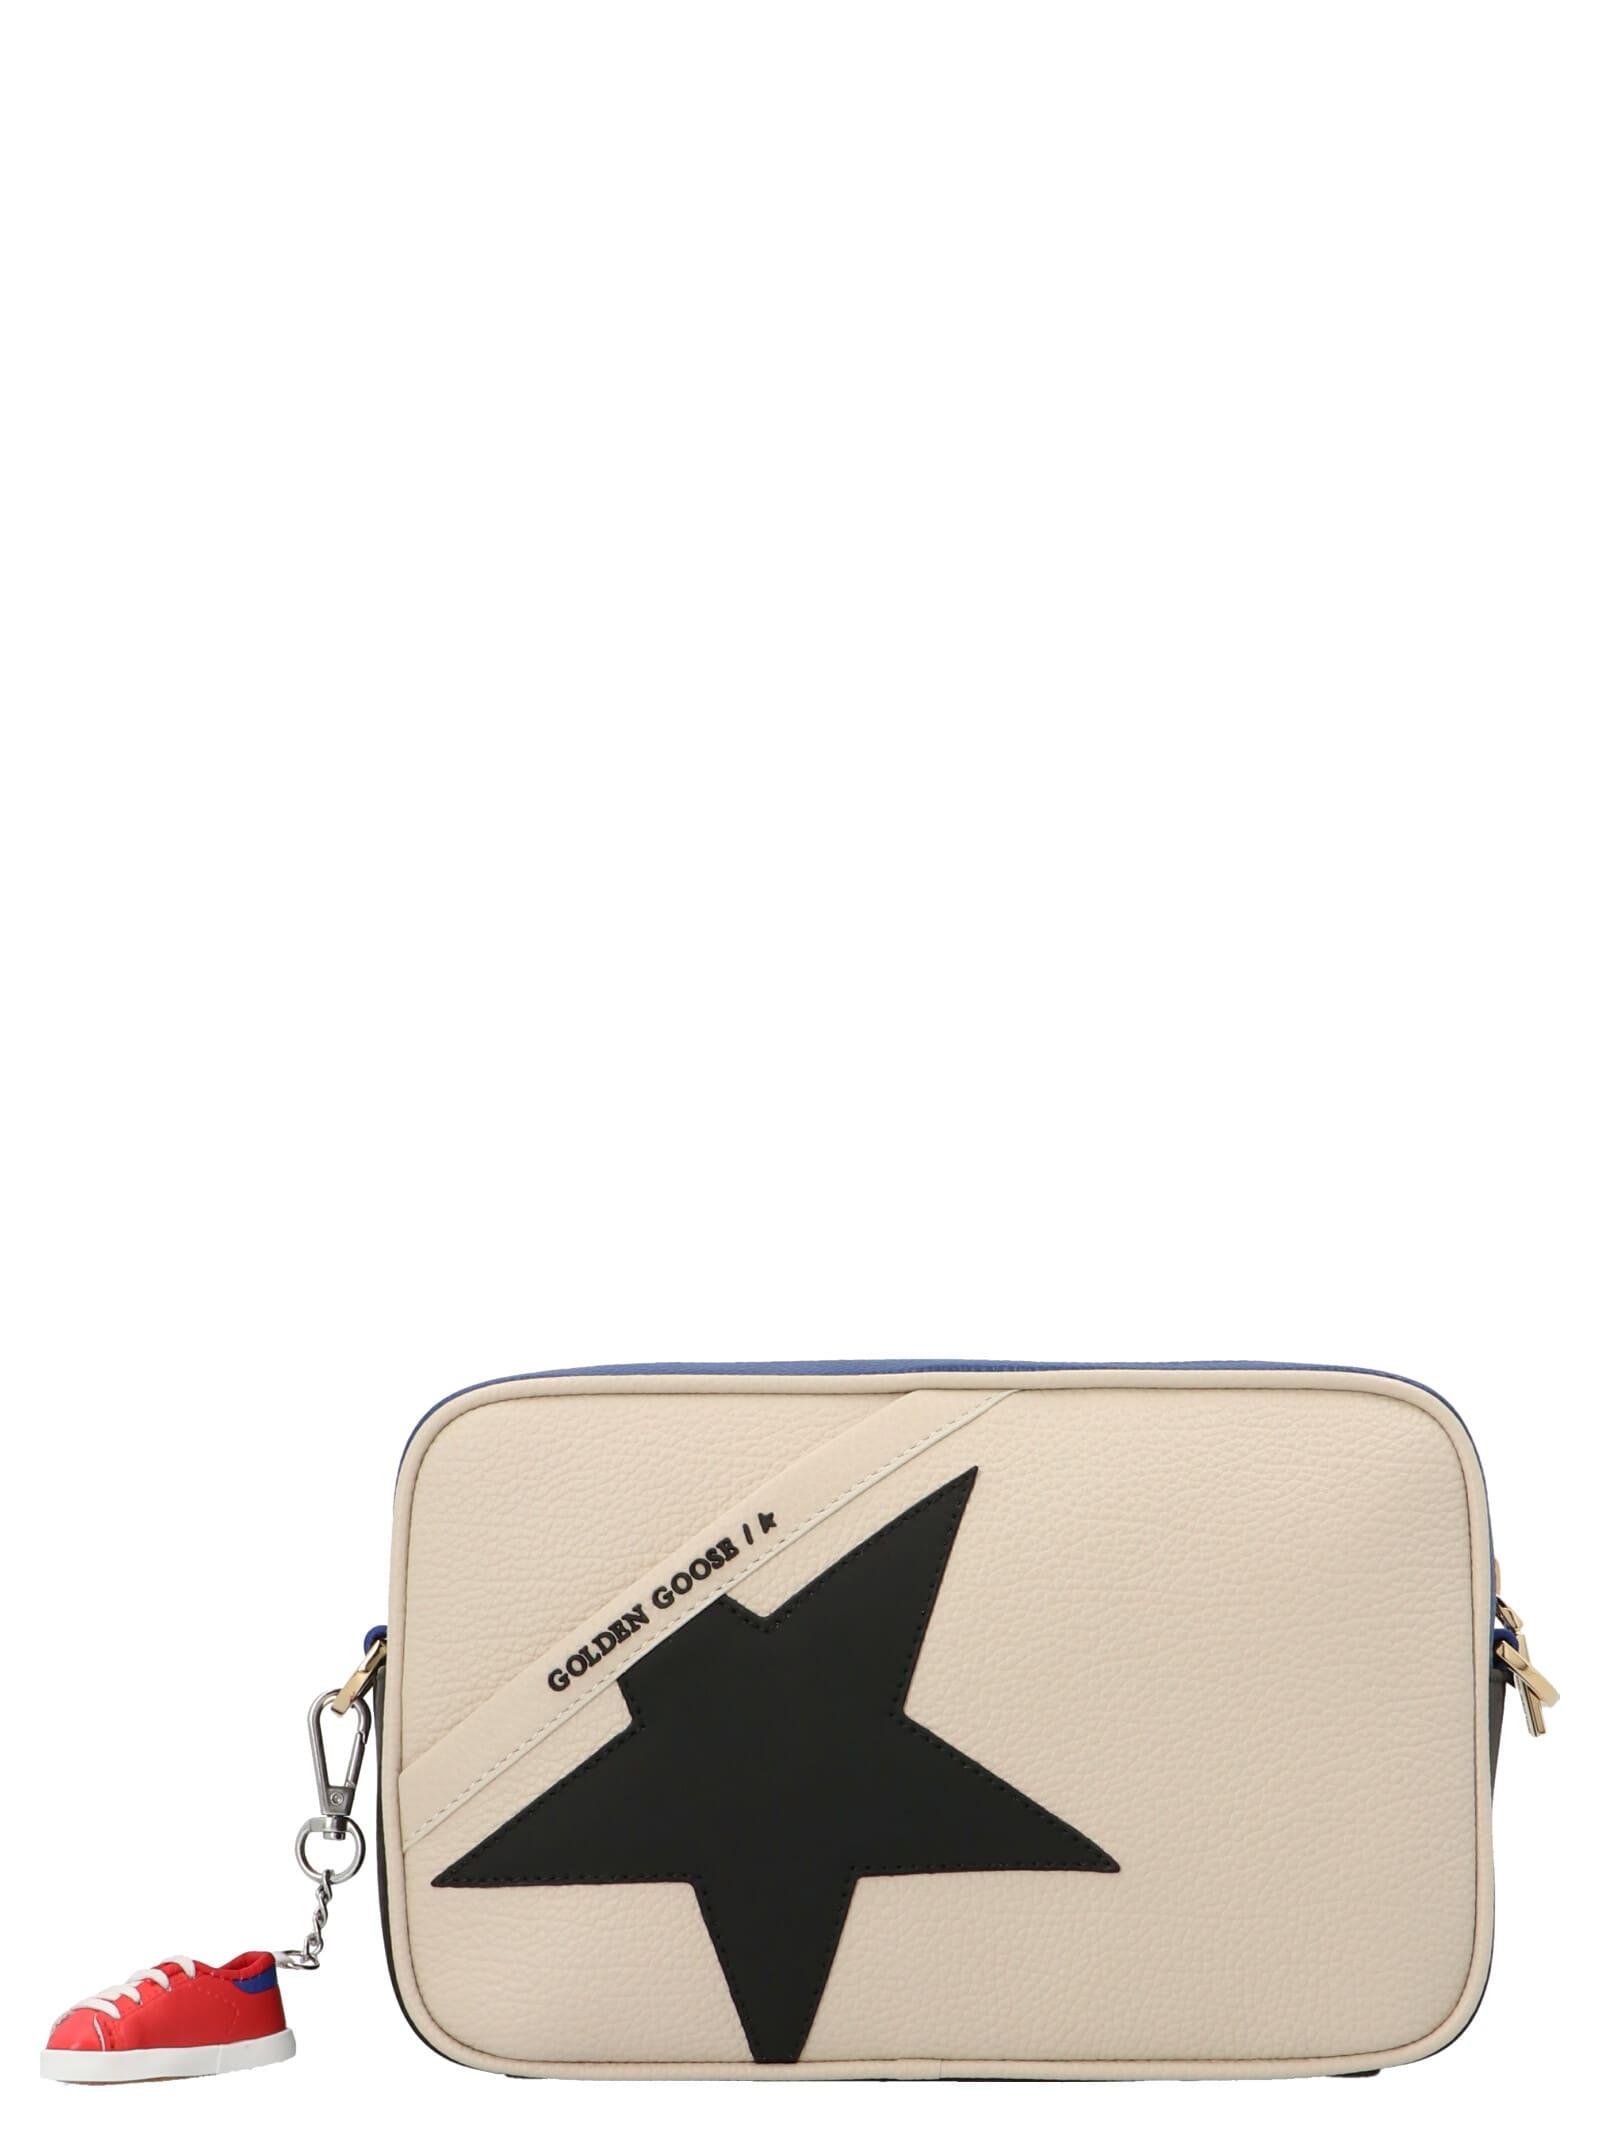 Golden Goose STAR BAG BAG